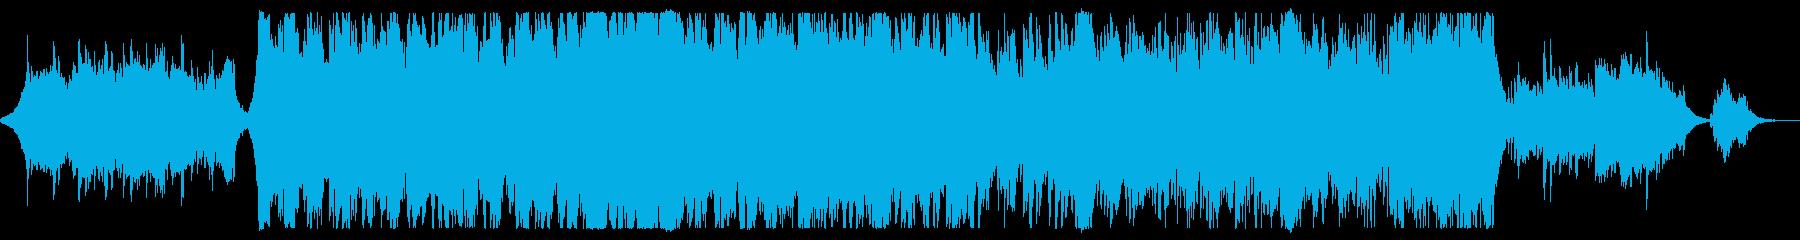 希望に満ちたエピックオケ/トレーラー2Aの再生済みの波形